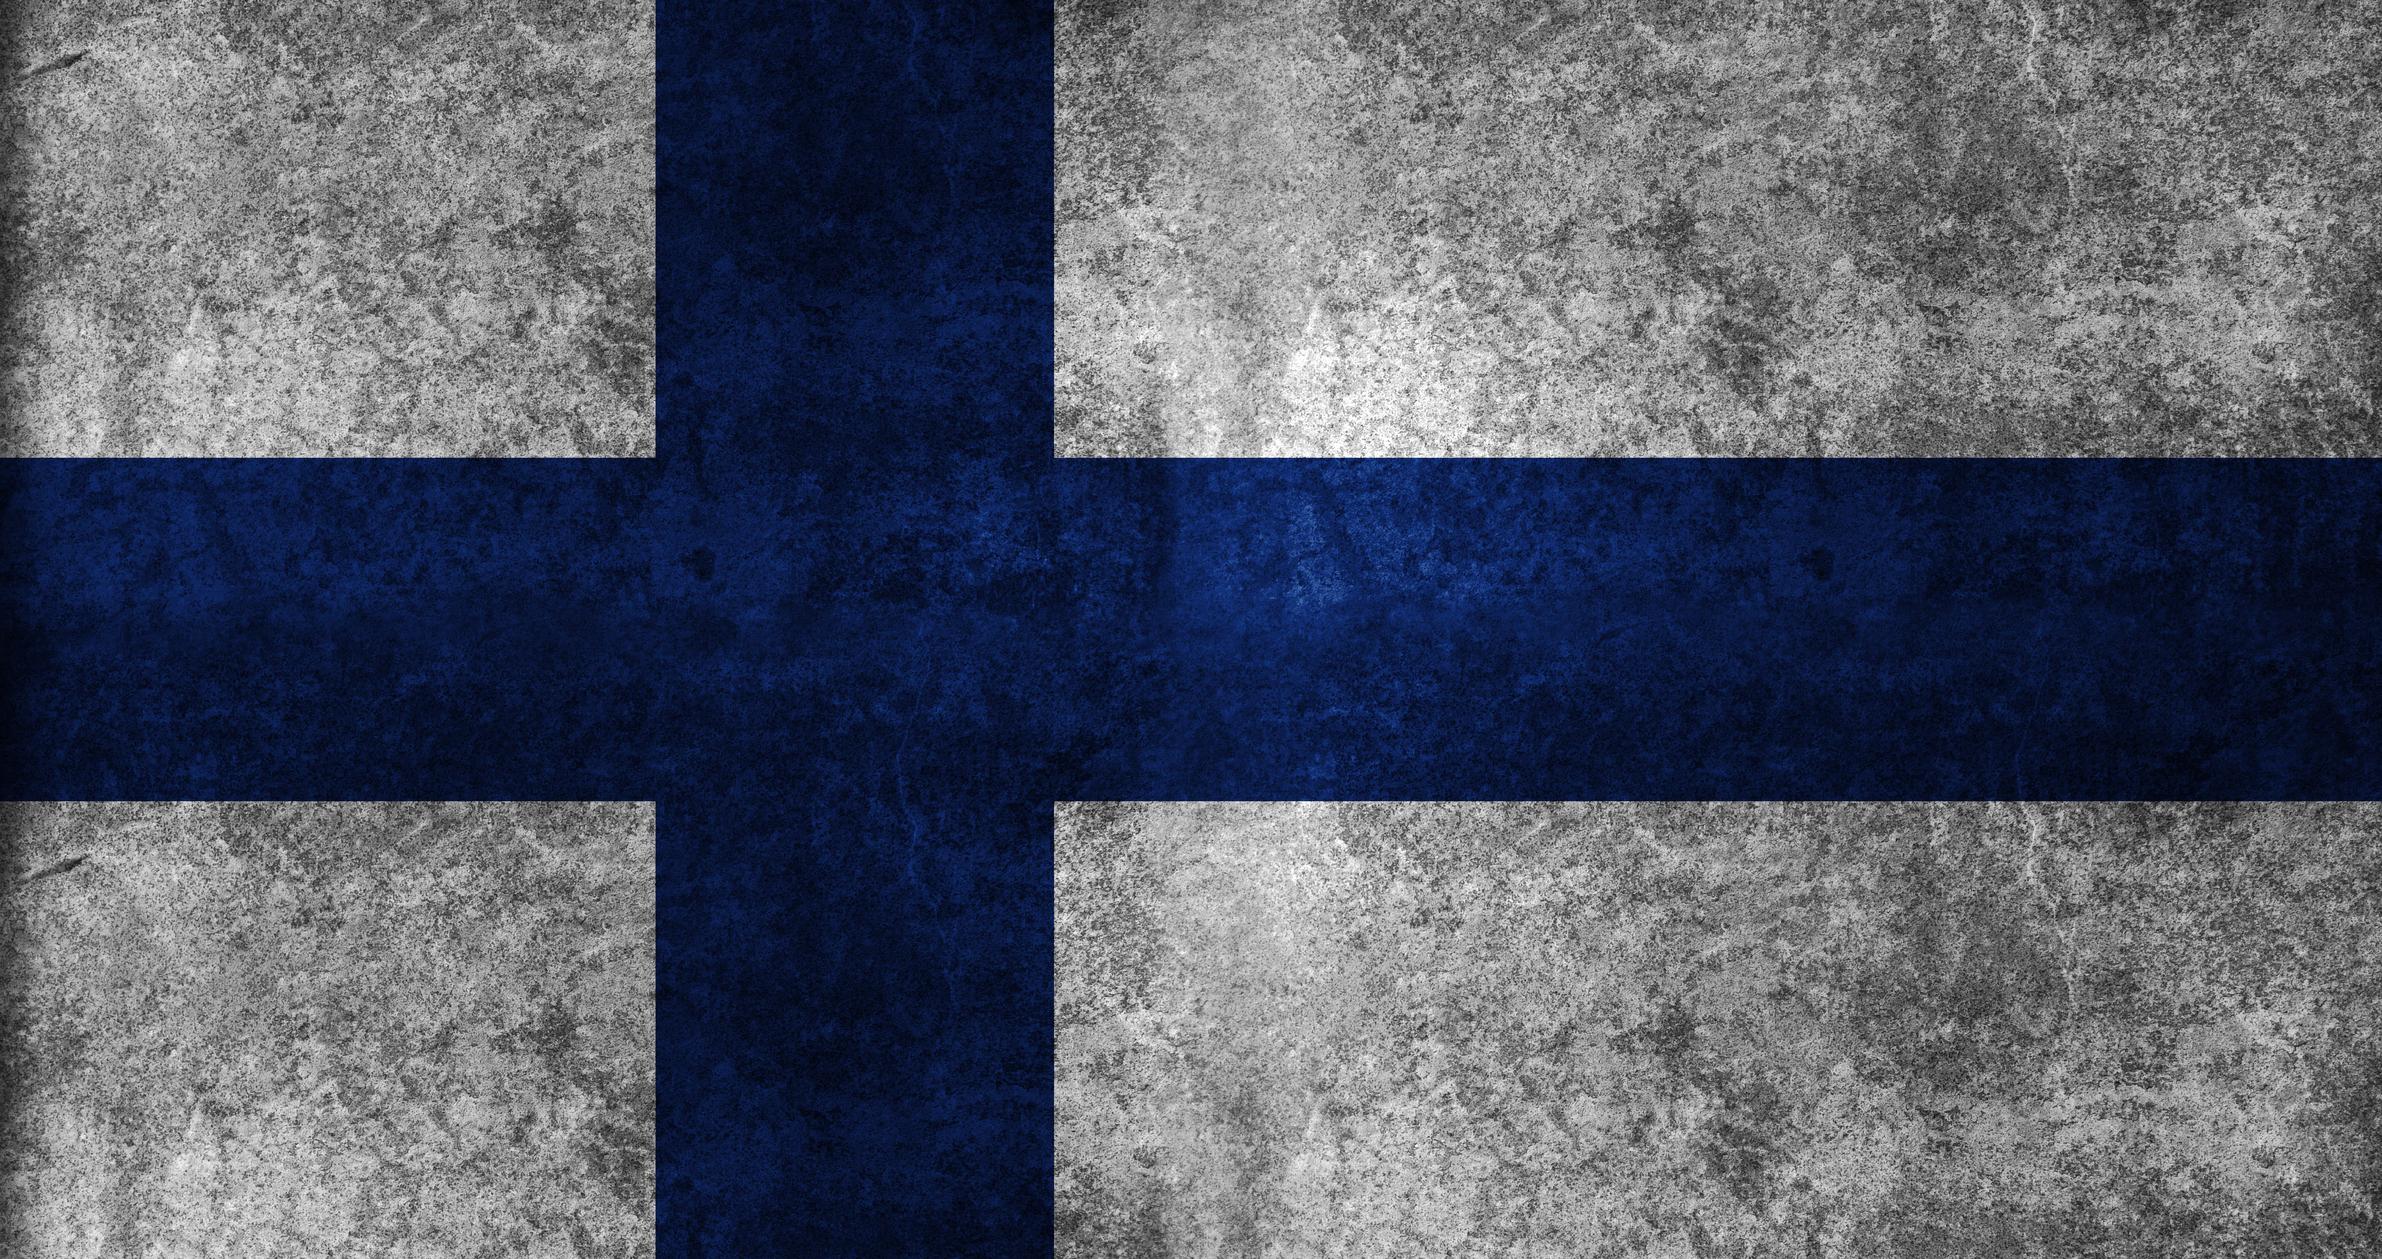 Suomen historian käännepisteitä